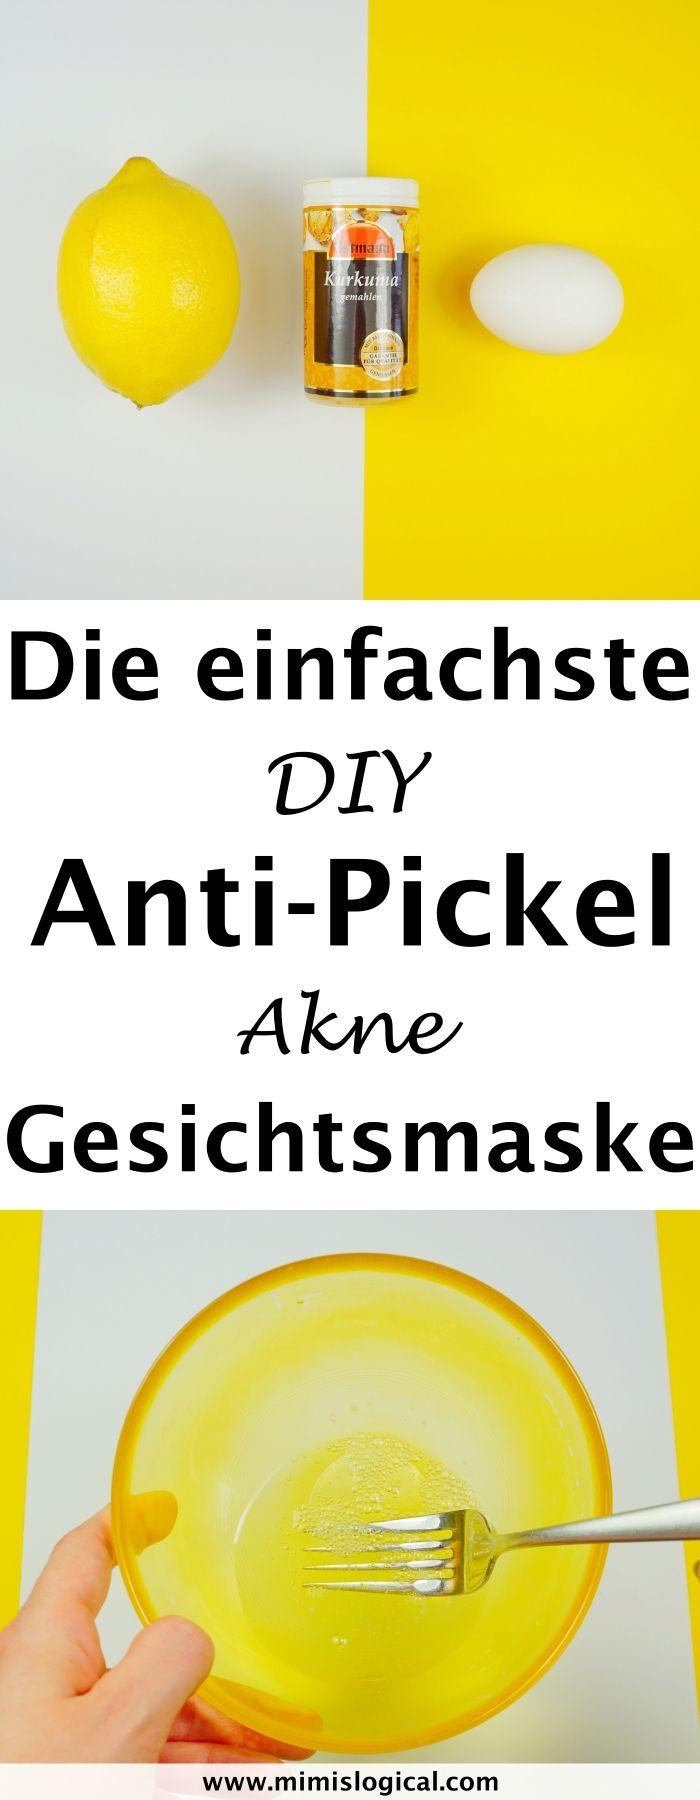 Die einfachste DIY Gesichtsmaske gegen Pickel und Akne. Egal ob hartnäckige Pic…